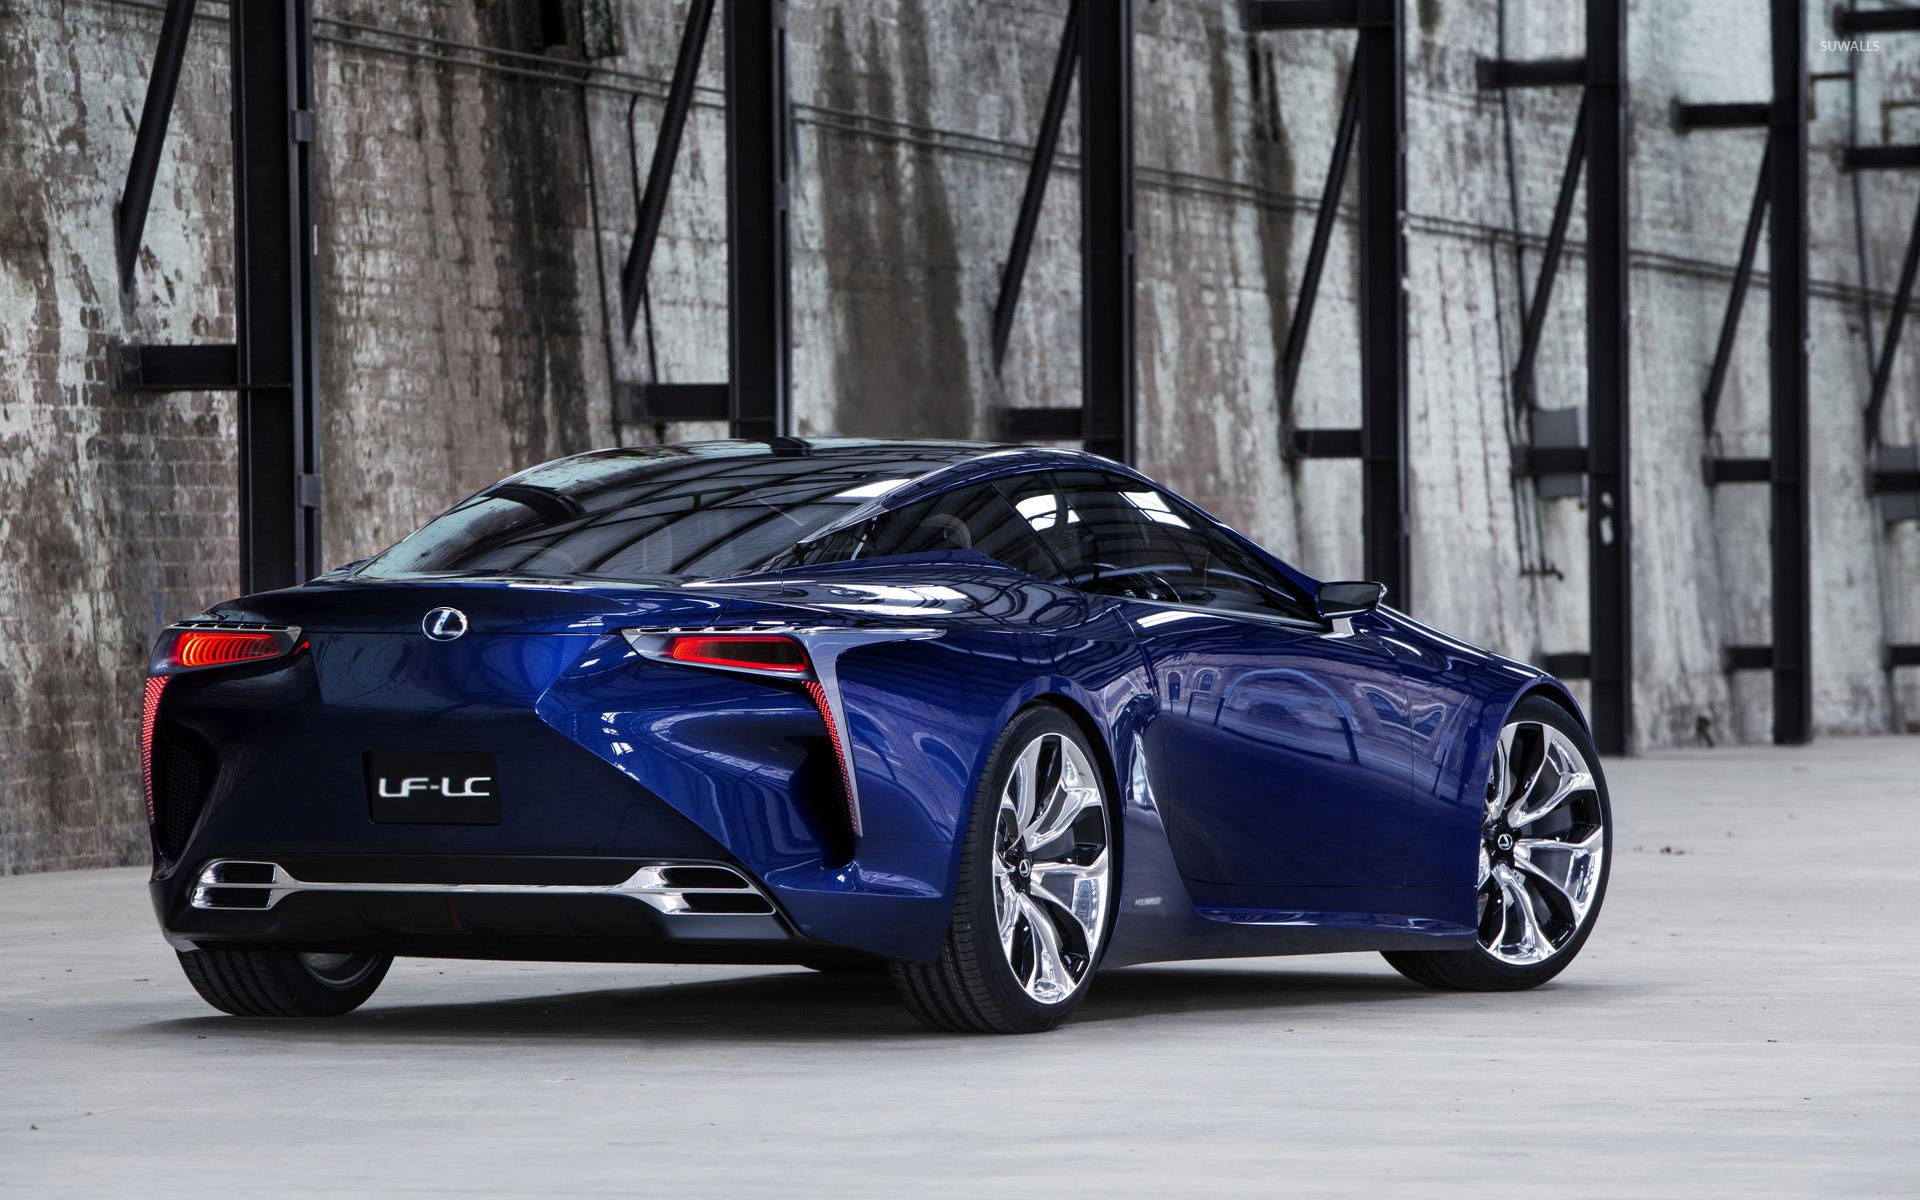 https://cdn.suwalls.com/wallpapers/cars/2012-lexus-lf-lc-blue-concept-15439-1920x1200.jpg